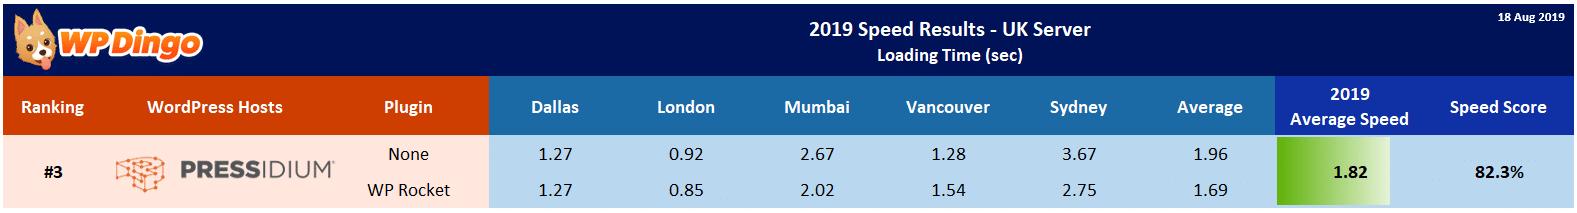 2019 Pressidium Speed Table - UK Server